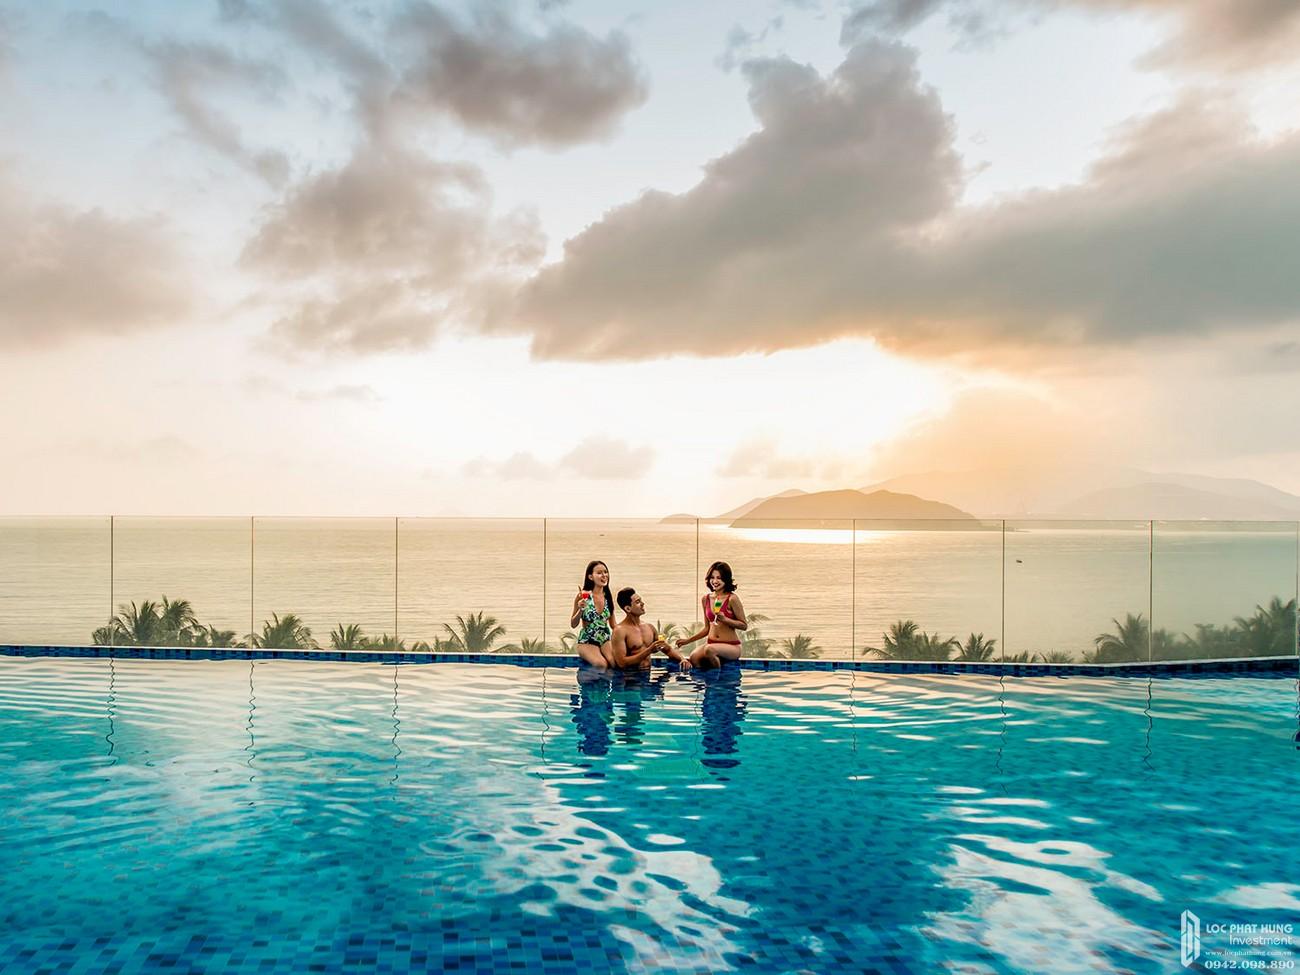 Tiện ích dự án Condotel Vinpearl Condotel Beachfront Lộc thọ Đường Trần Phú chủ đầu tư Tập đoàn Vin Group